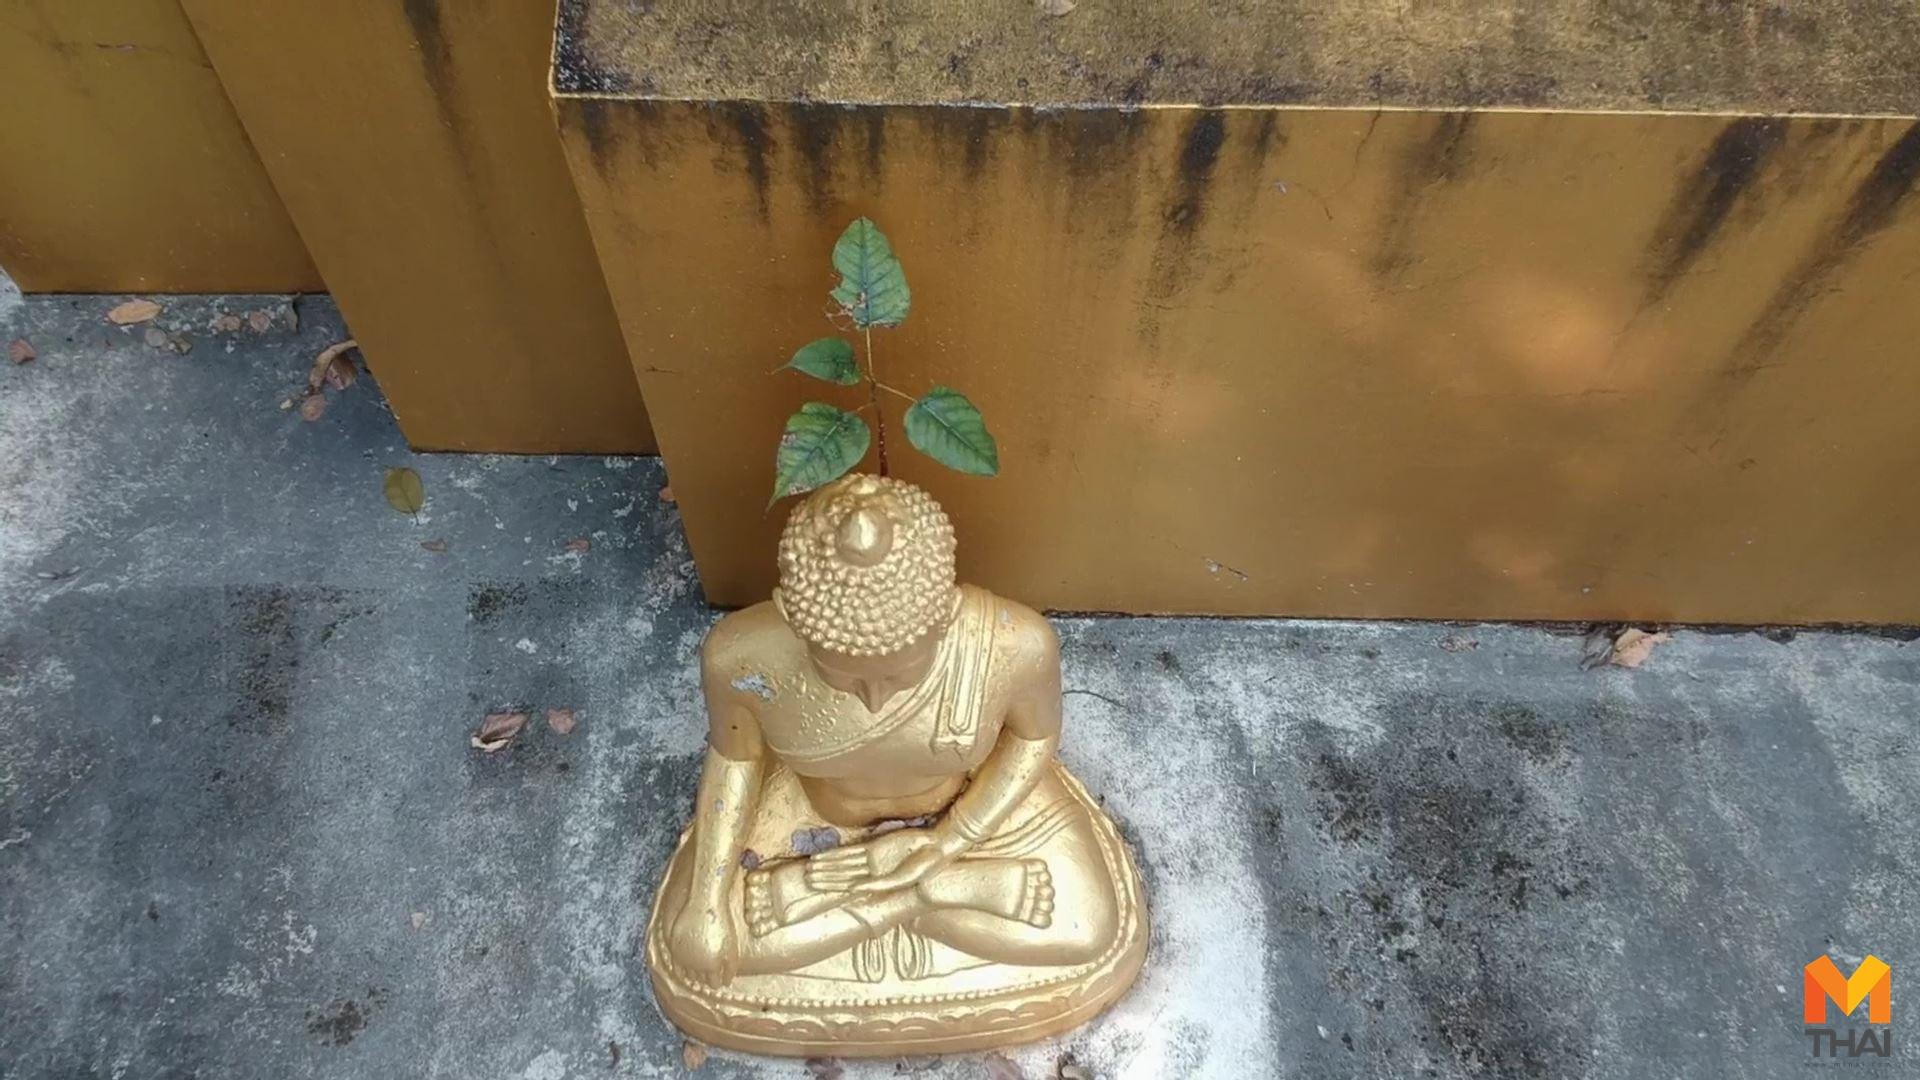 ข่าวภูมิภาค ต้นโพธิ์ พระพุทธรูปสิงห์ 1 วัดป่าลานคำ